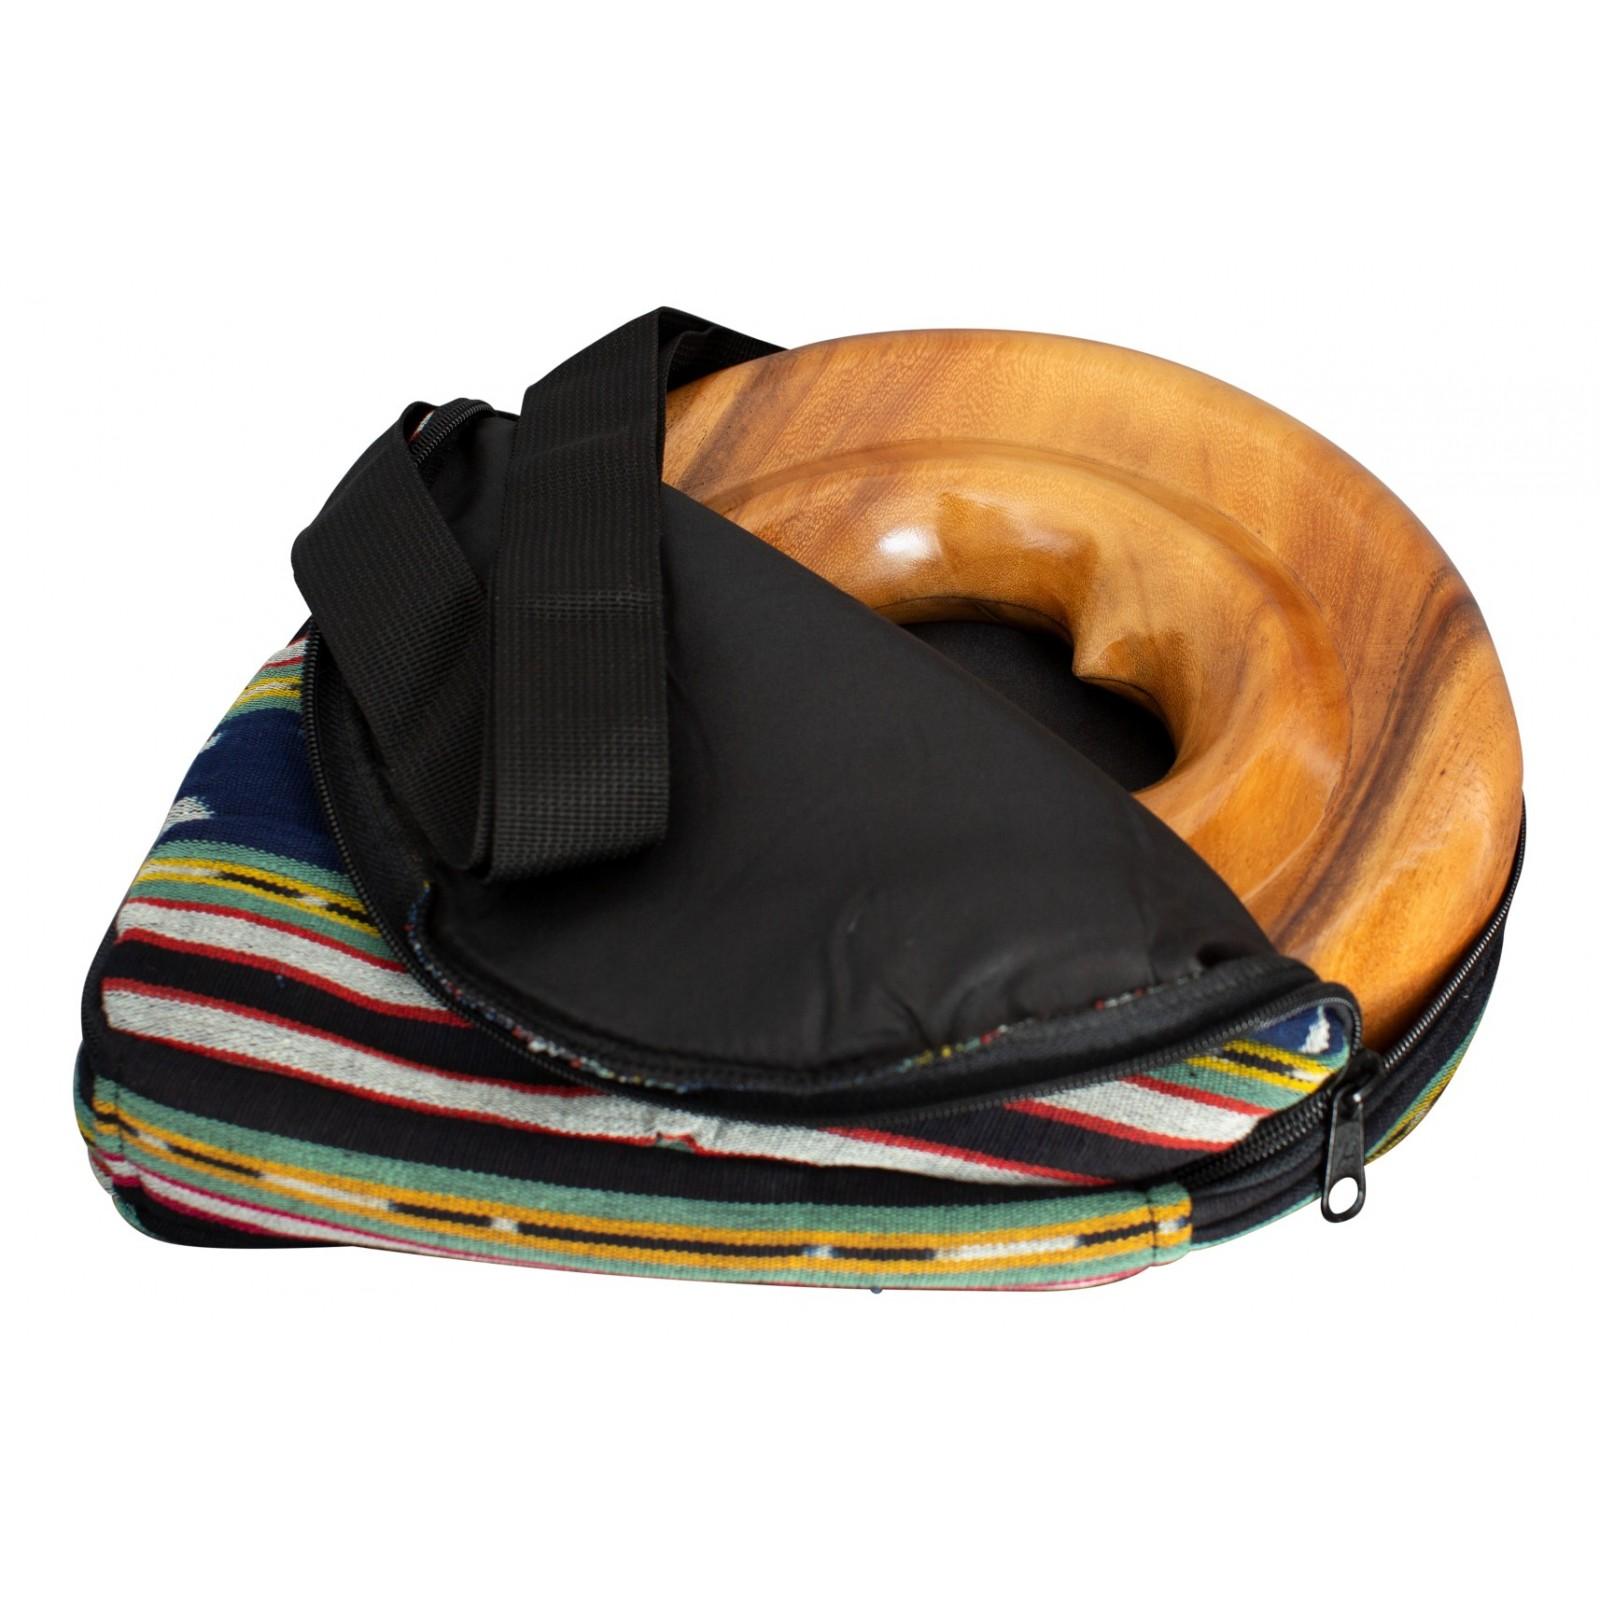 DIDGERIDOOTASCHE FÜR SPIRAL TRAVEL DIDGERIDOO - Nylon Didgeridoo Tasche für Holzspiraldidgeridoo. Verstellbarer Schultergurt